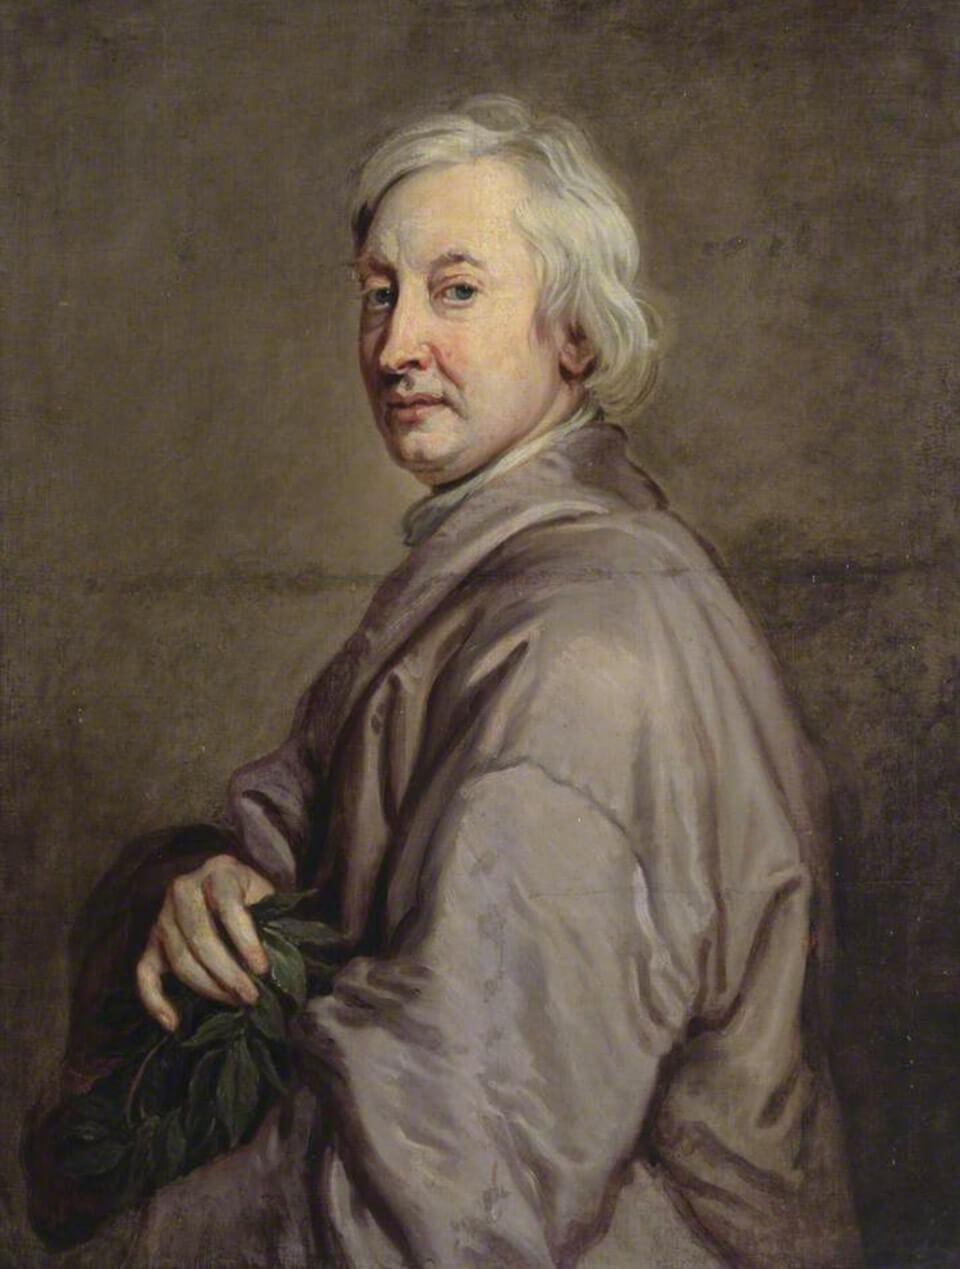 John Dryden, Apócrifa art magazine